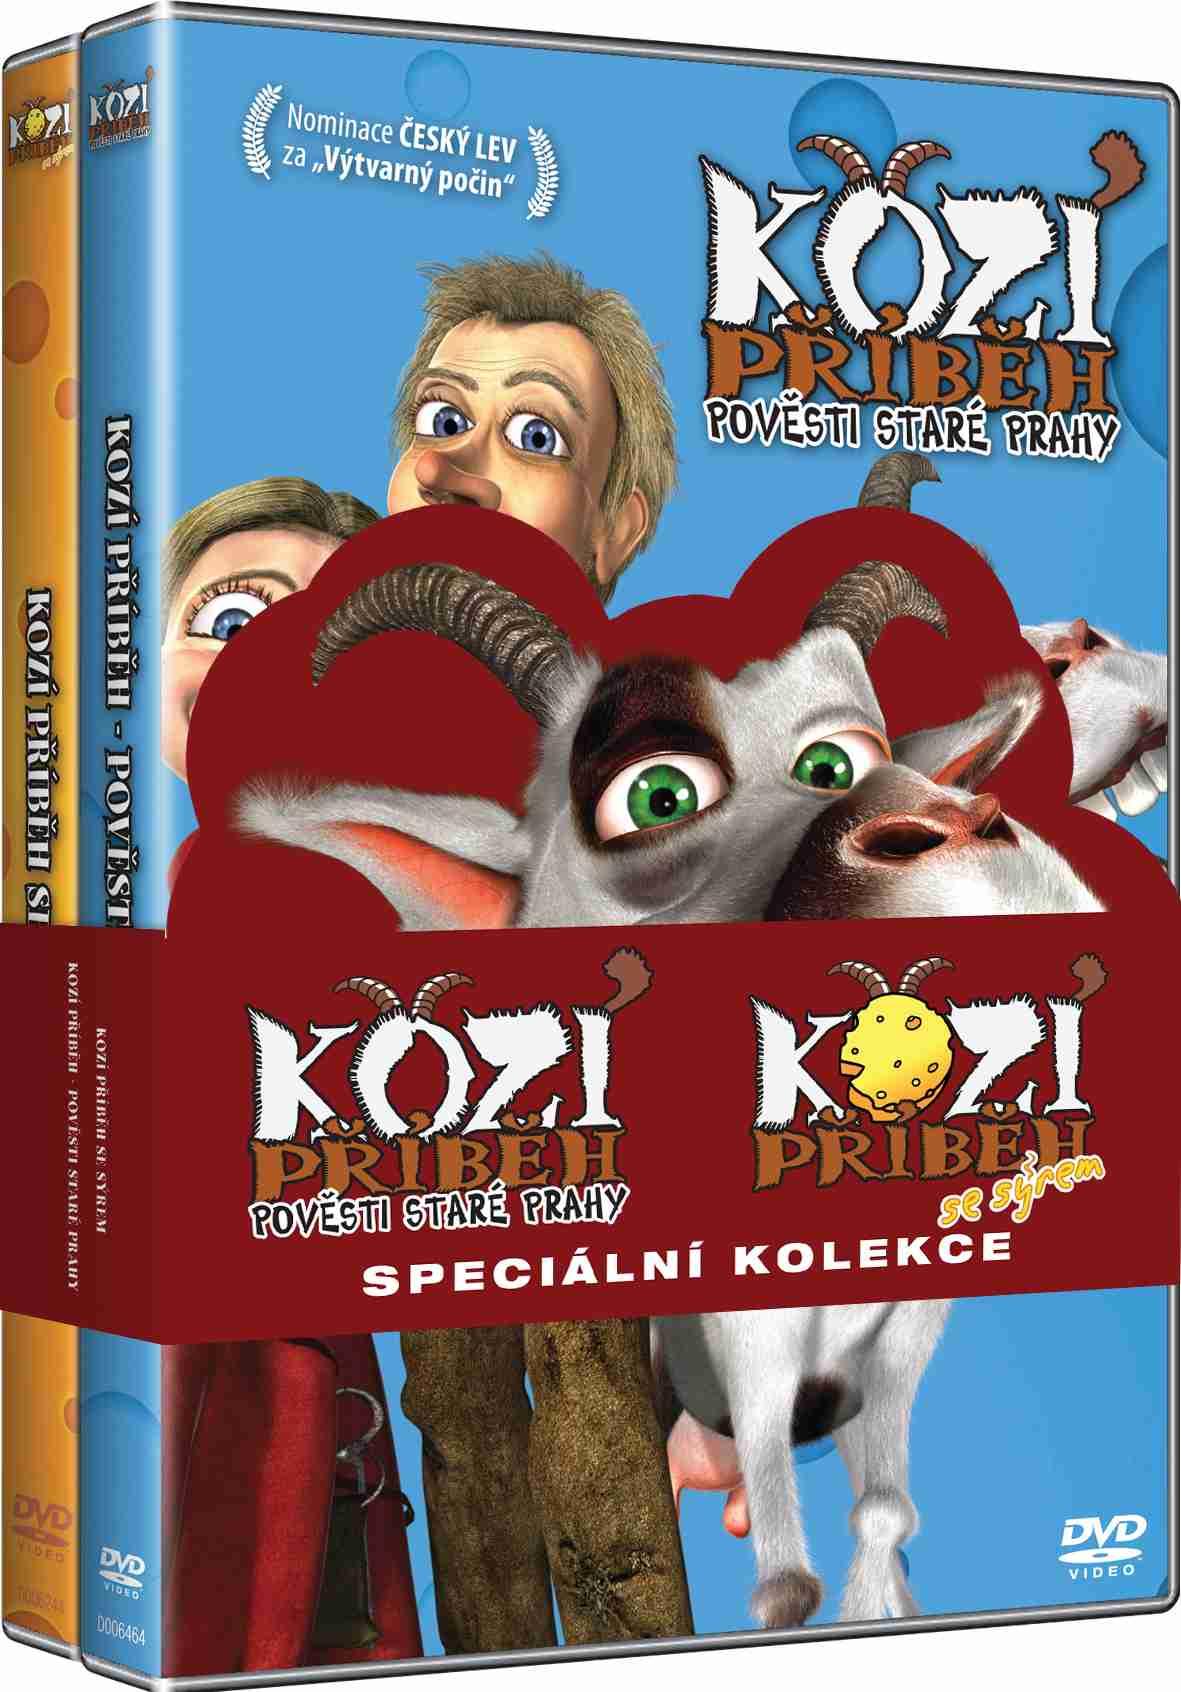 Kozí příběh Kolekce - 2 DVD (Pověsti staré Prahy, Kozí příběh se sýrem)